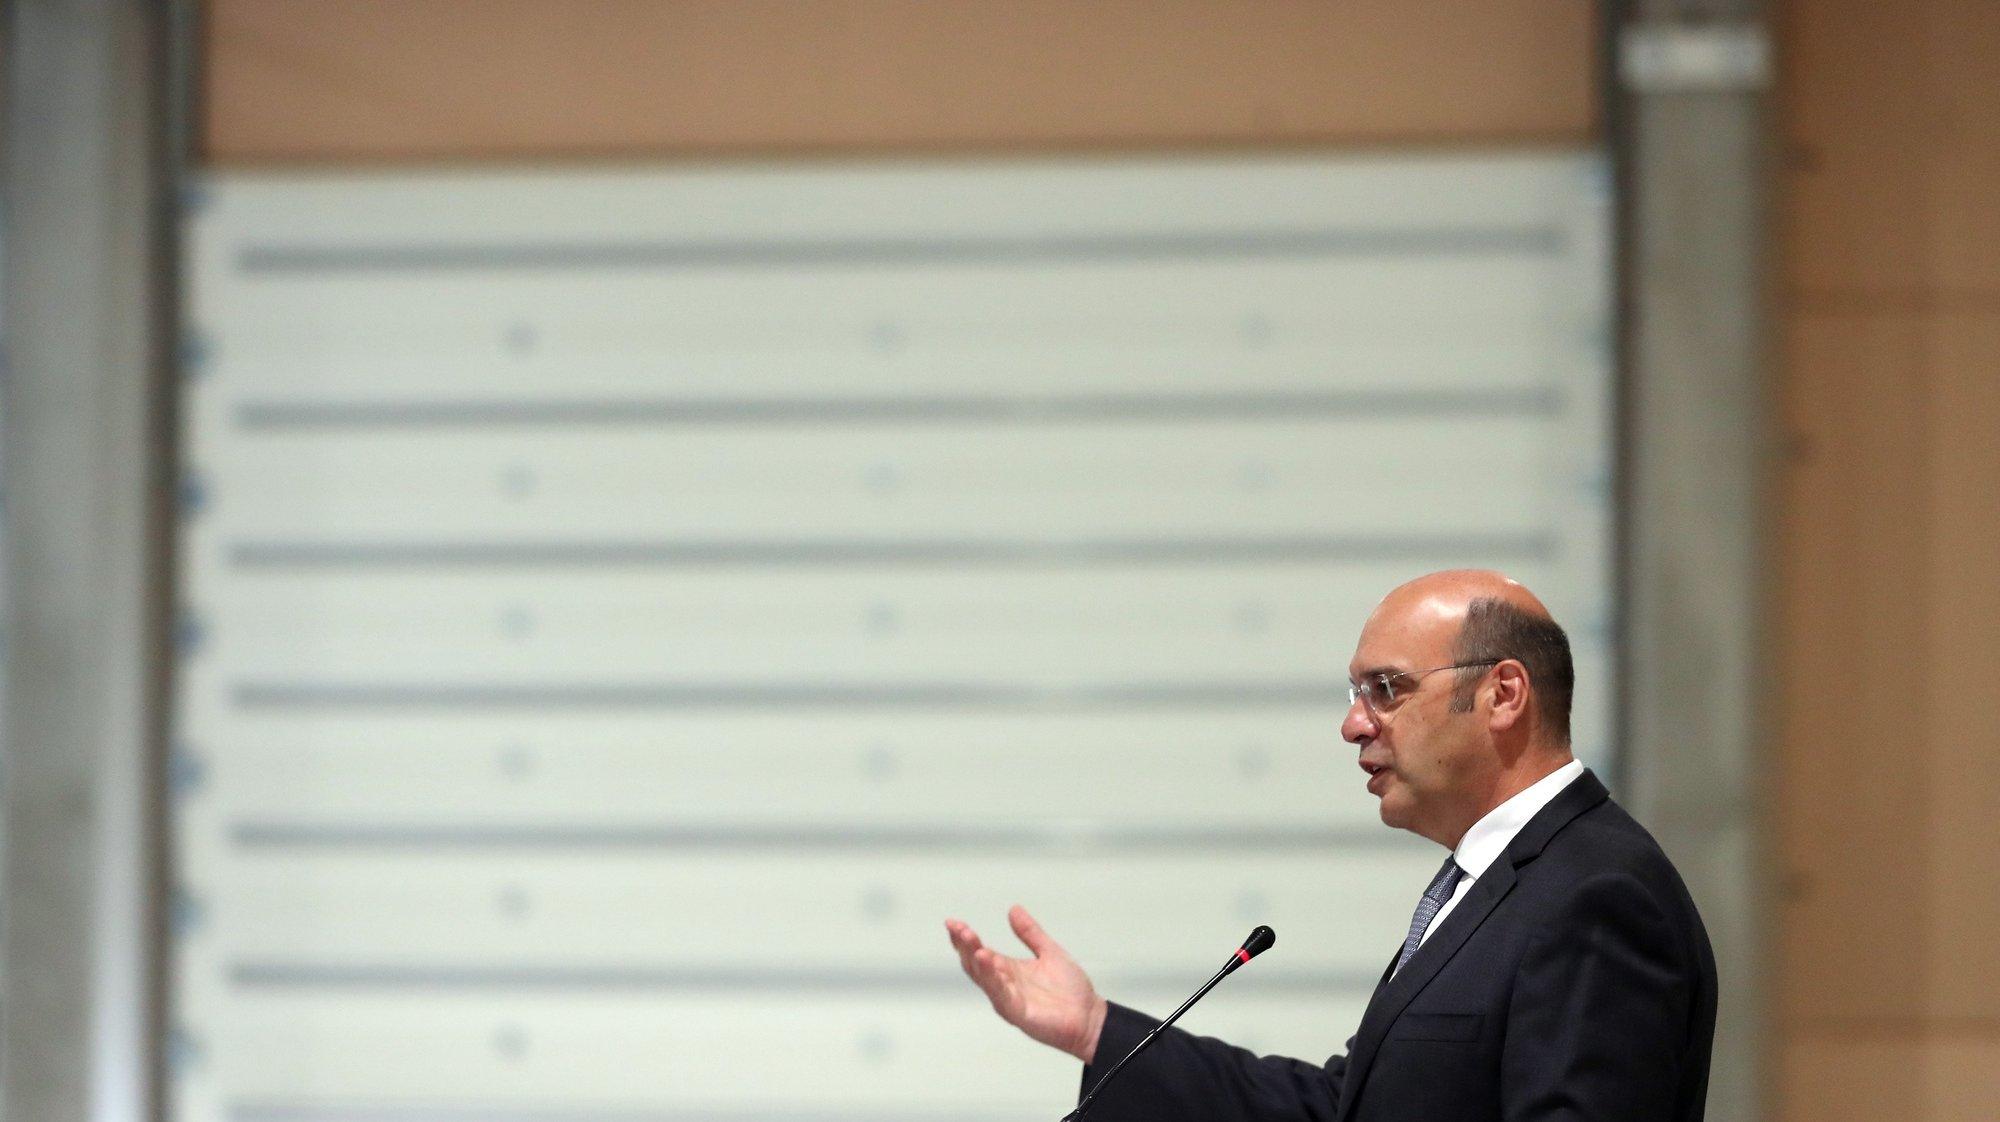 O ministro de Estado, da Economia e da Transição Digital, Pedro Siza Vieira, discursa durante a inauguração de uma unidade de transformação de nozes, em Évora, 18 de junho de 2021. NUNO VEIGA/LUSA